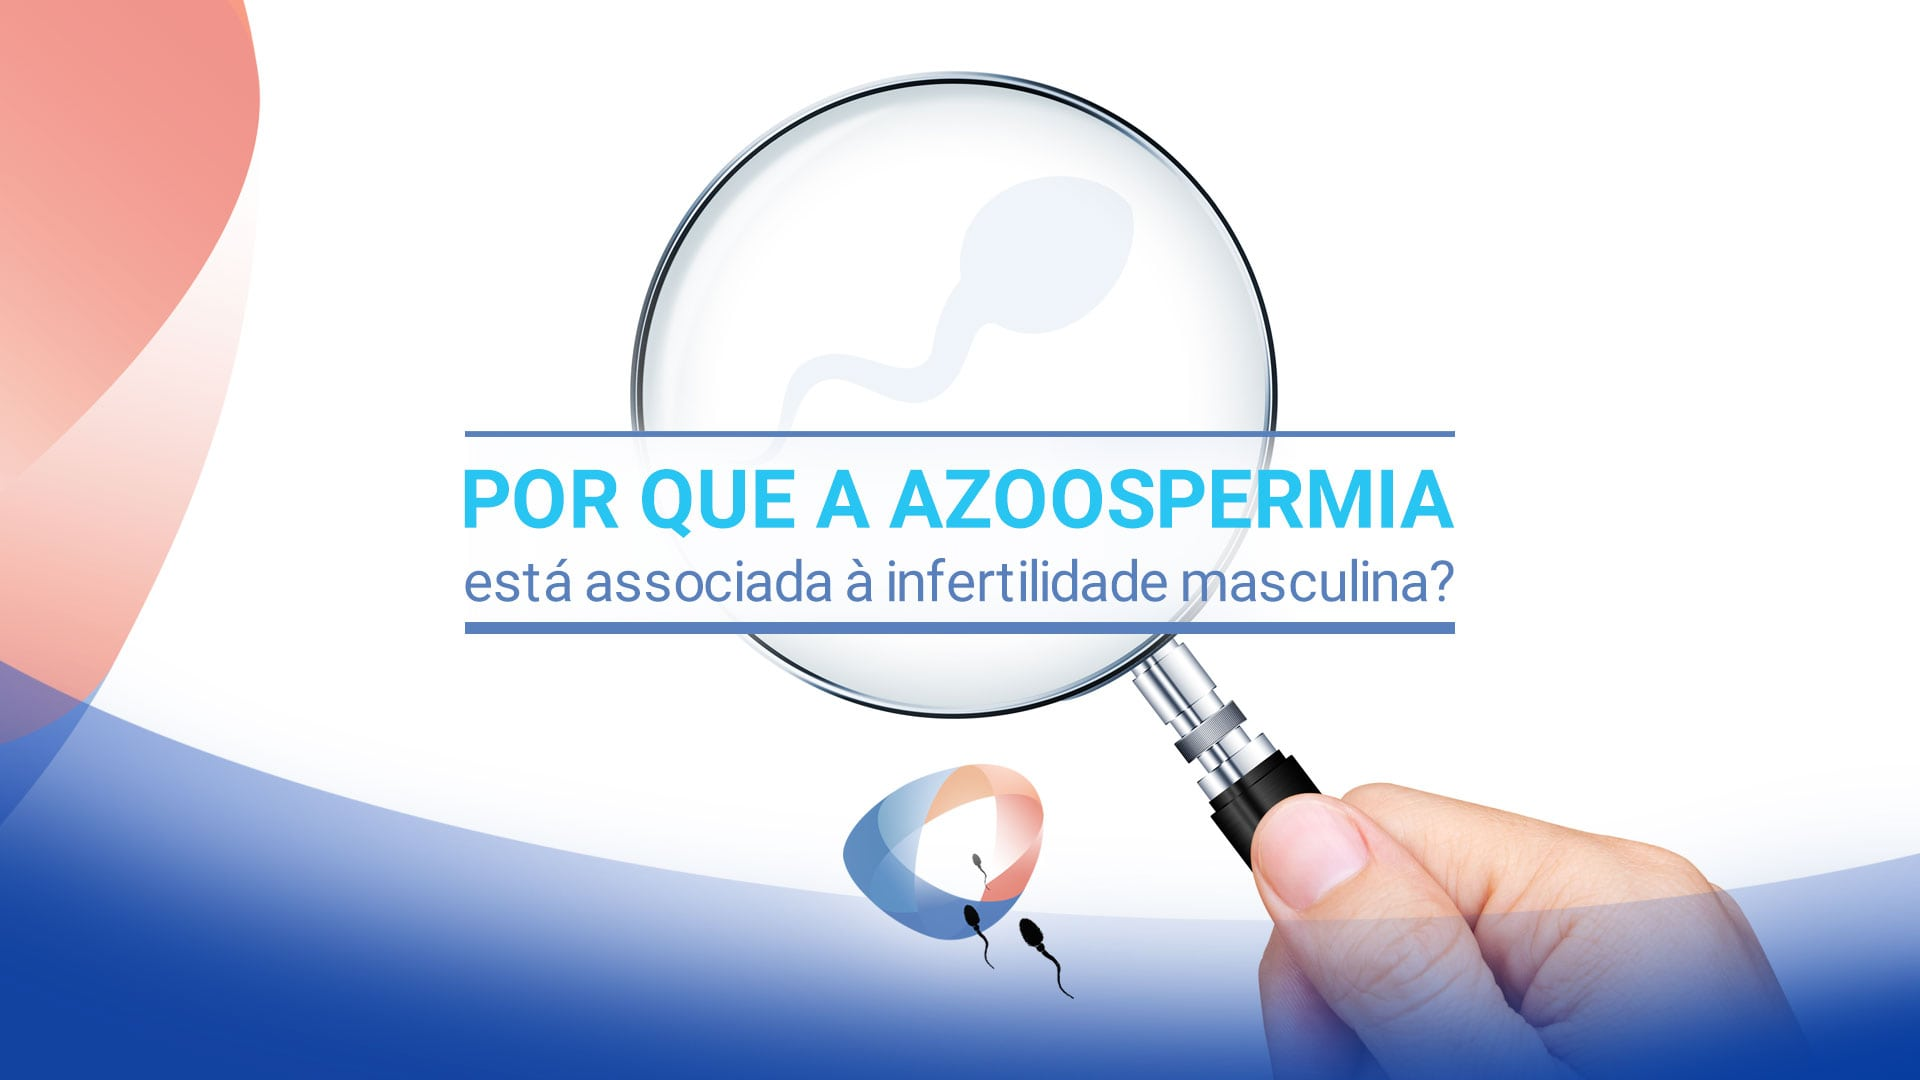 Por que a azoospermia está associada à infertilidade masculina?